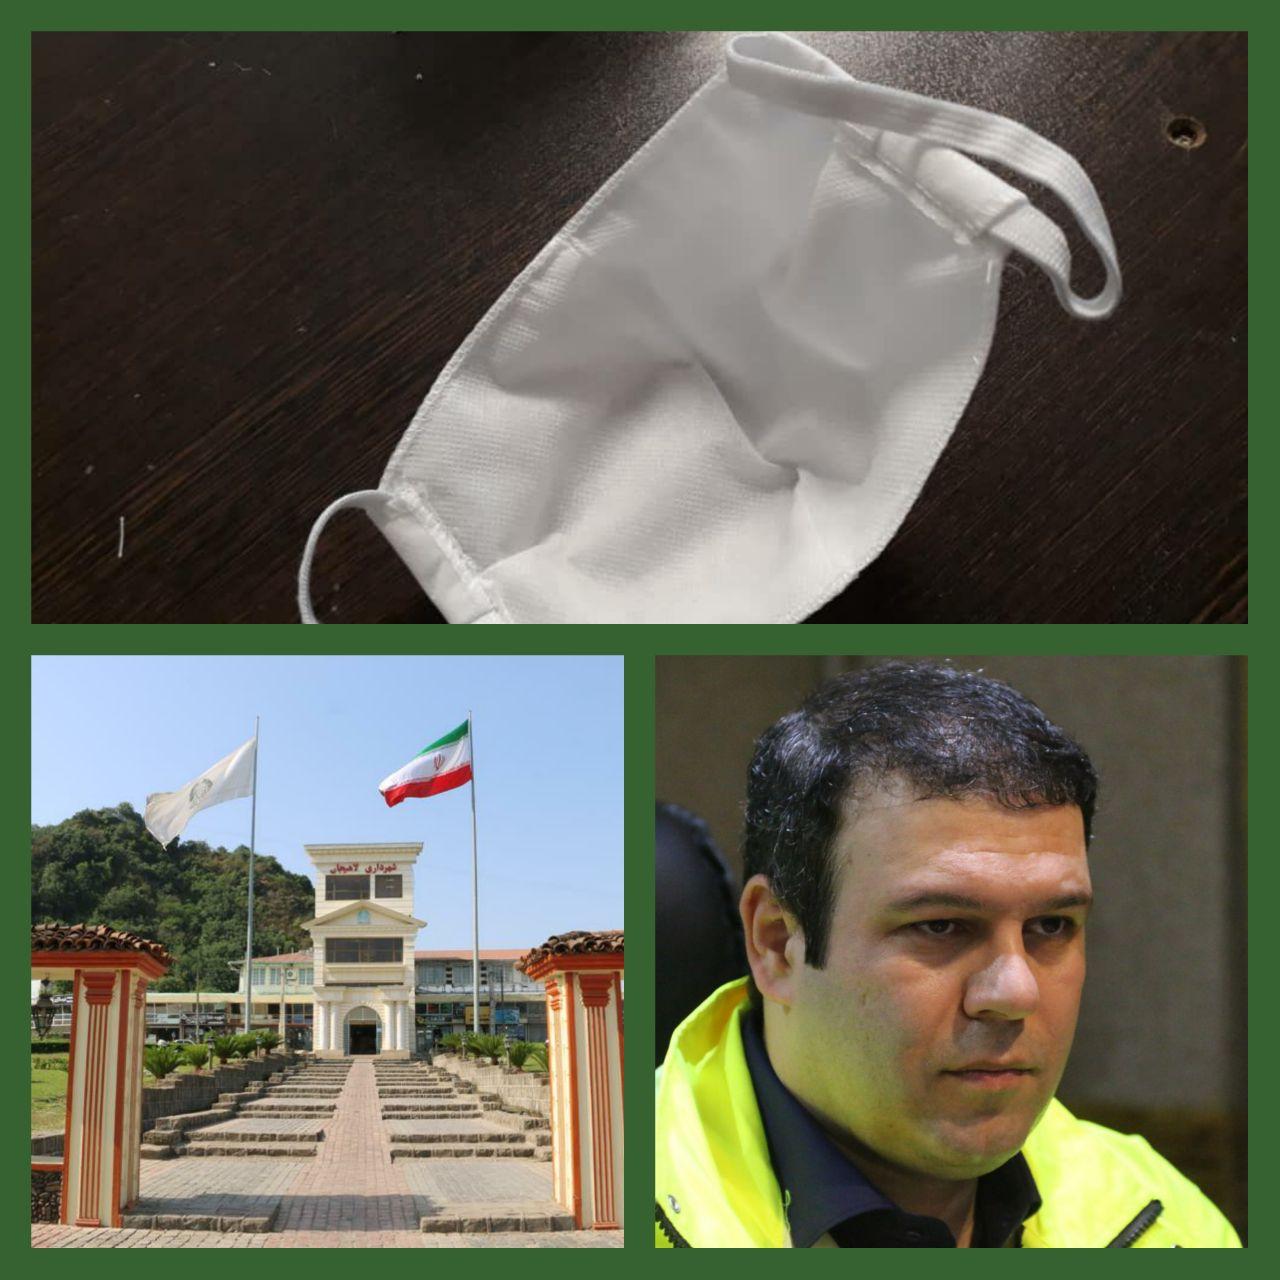 برای اولین بار بین شهرداری های کشور: شهرداری لاهیجان اقدام به تولید ماسک برای توزیع رایگان بین مردم کرد